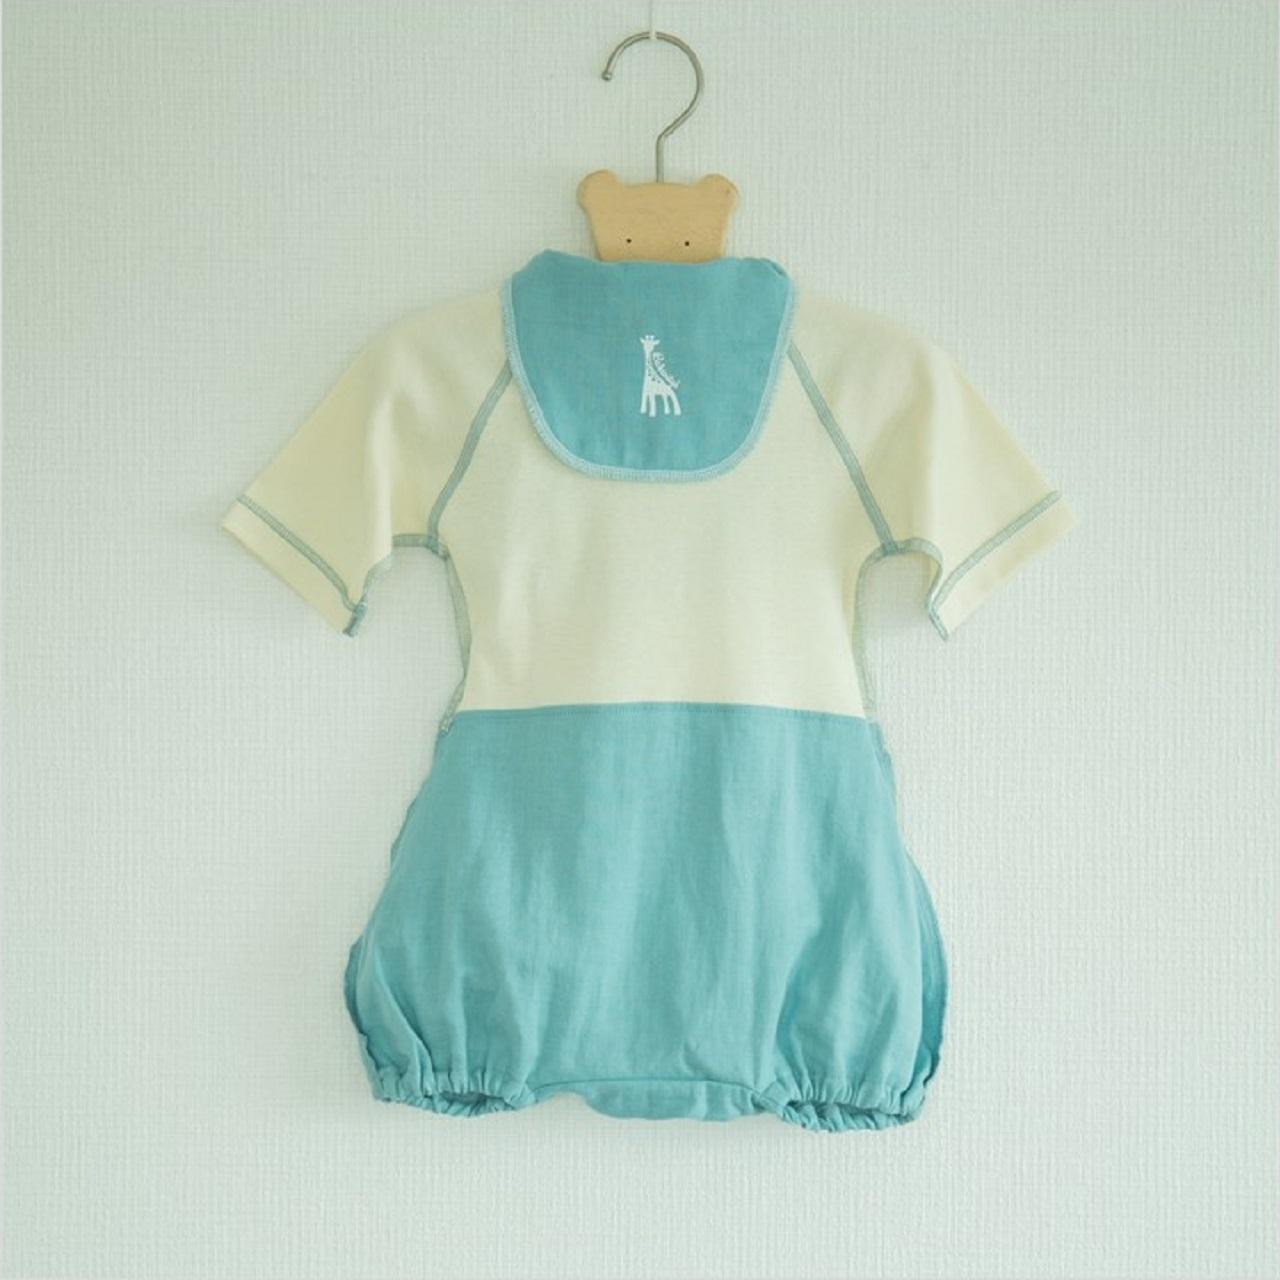 出産祝い ギフトに! 可愛くて着替えやすいラクラクふわふわバルーンオール/汗取りパッドのセット(日本製)